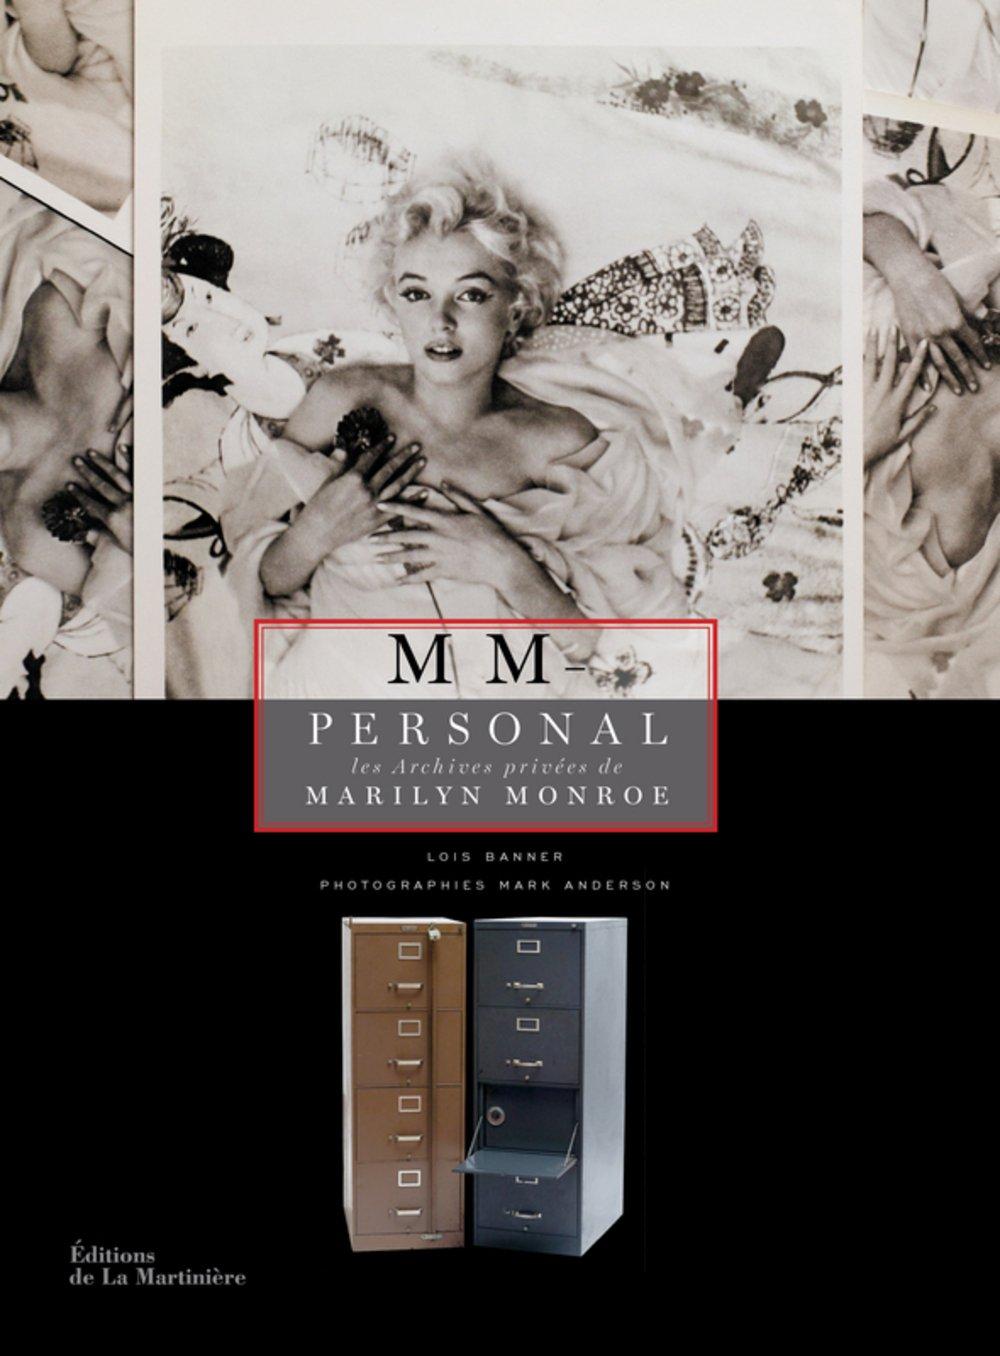 MM-personal : Les Archives privées de Marilyn Monroe